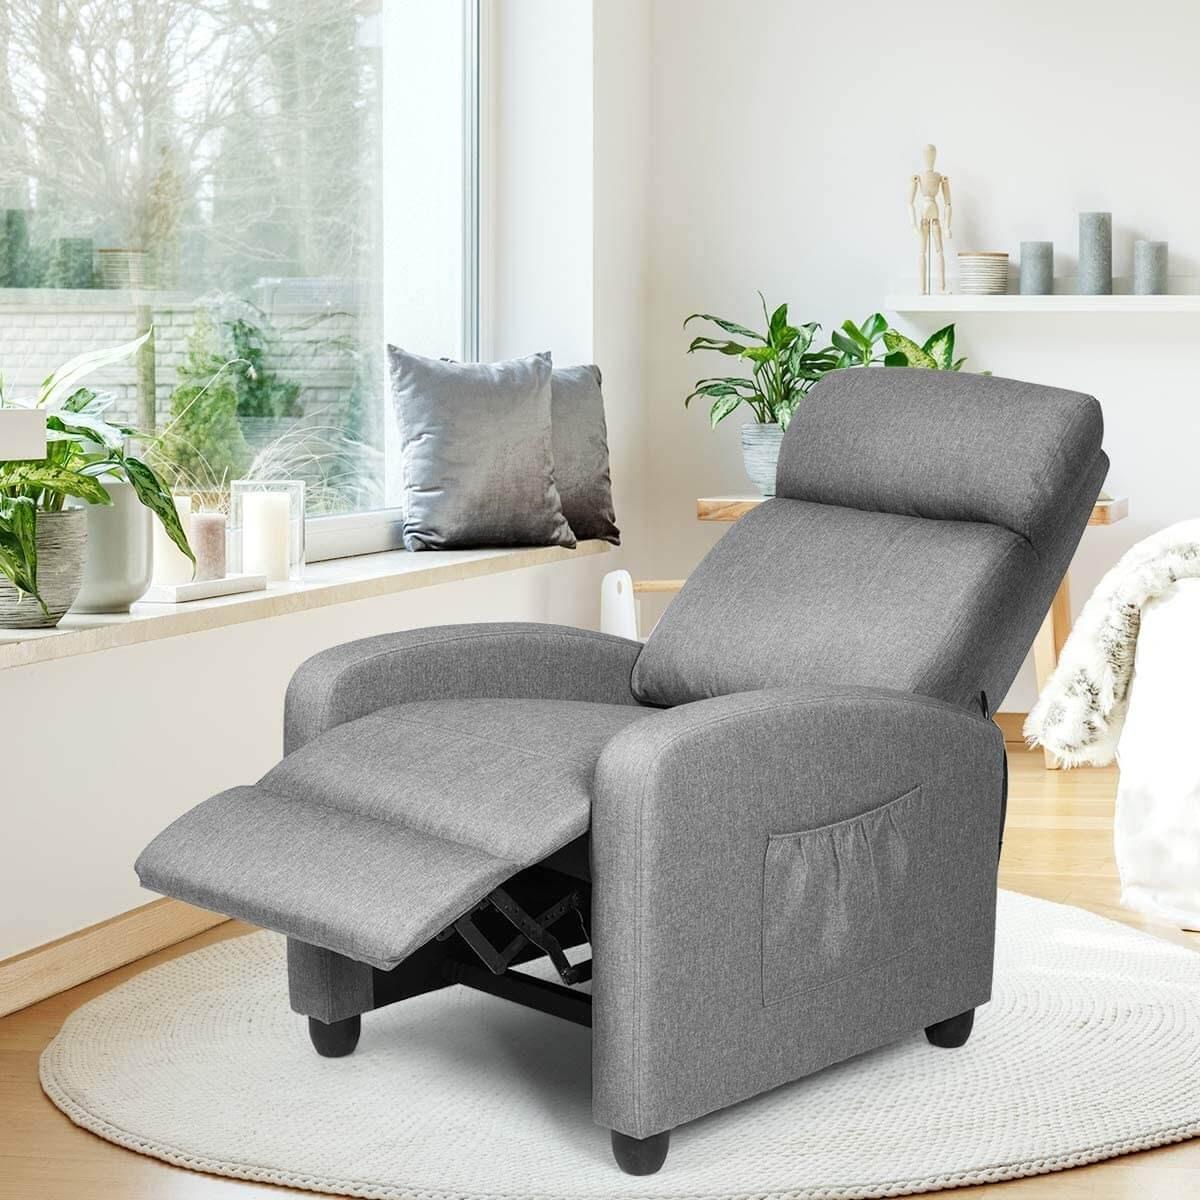 Giantex Massaging Recliner